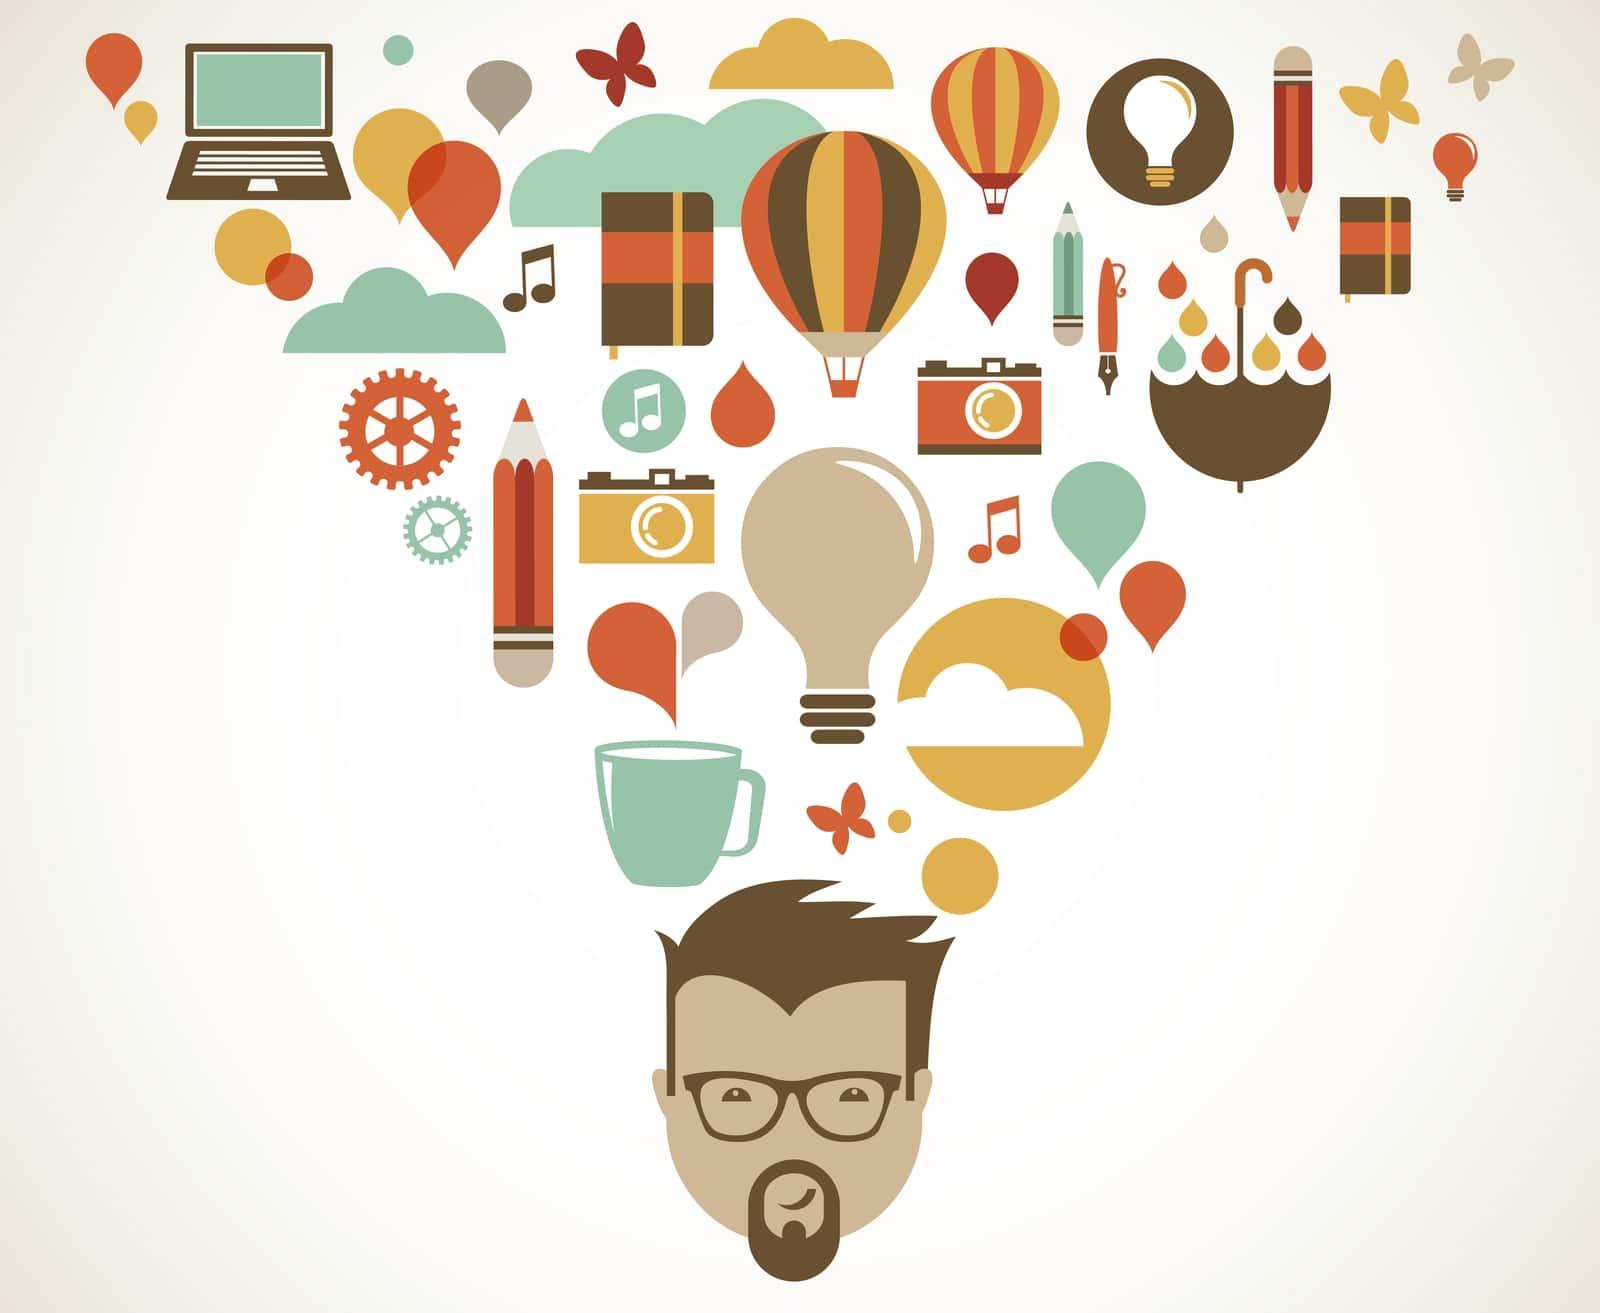 Tipos de contenido: ¿cómo escoger los más indicados para llegar a tu persona?